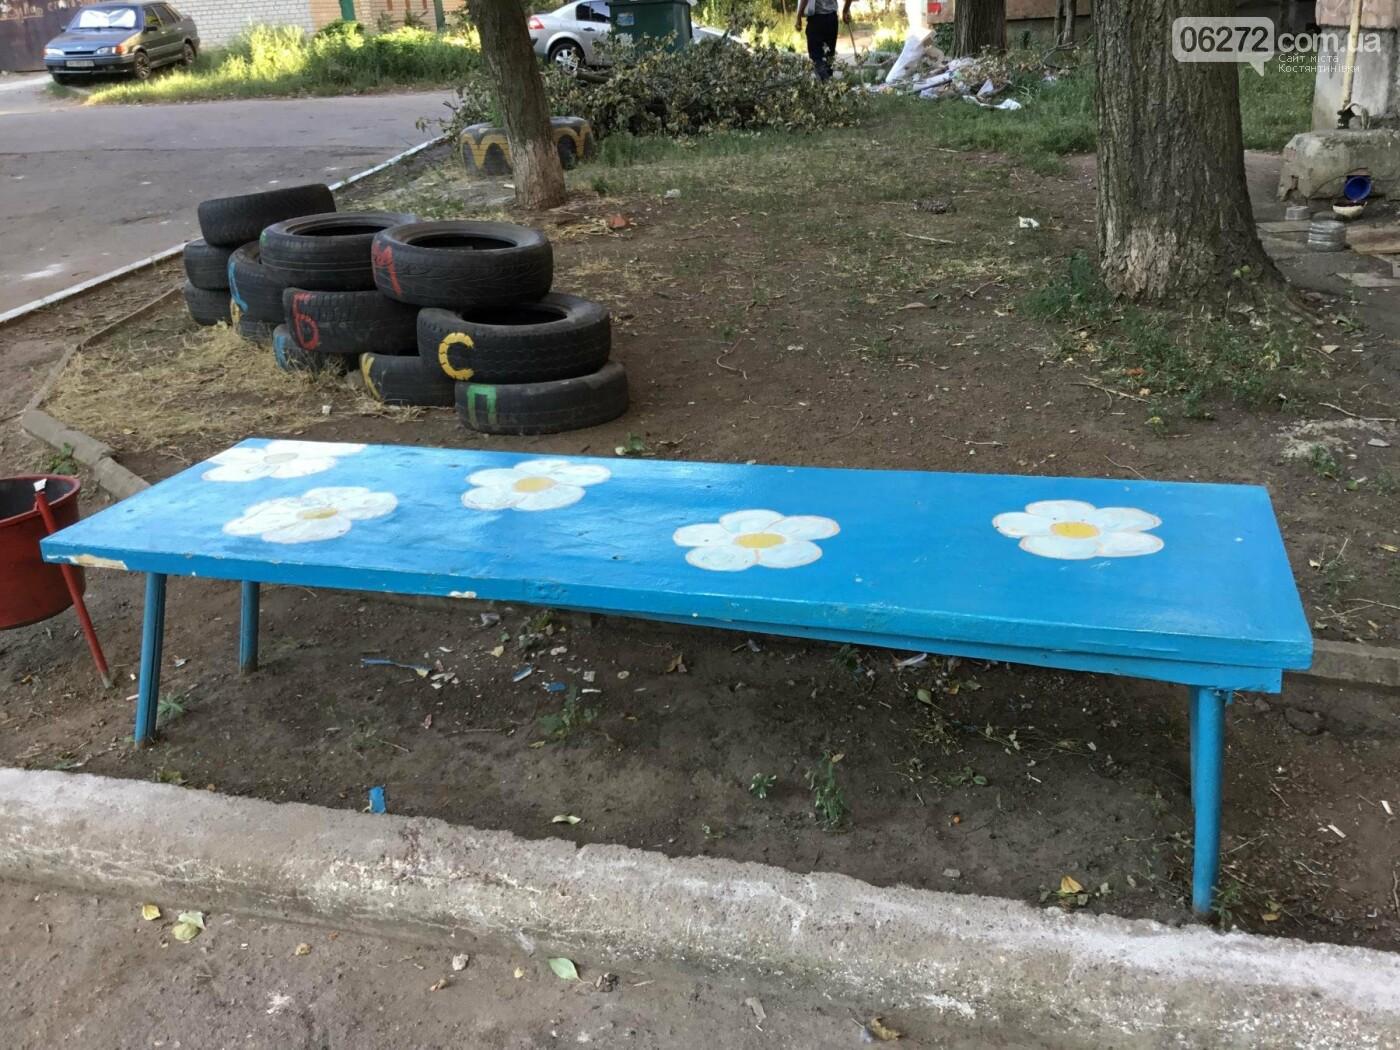 В Константиновке по ул. Безнощенко молодежь сделала спортивную площадку для детей, фото-24